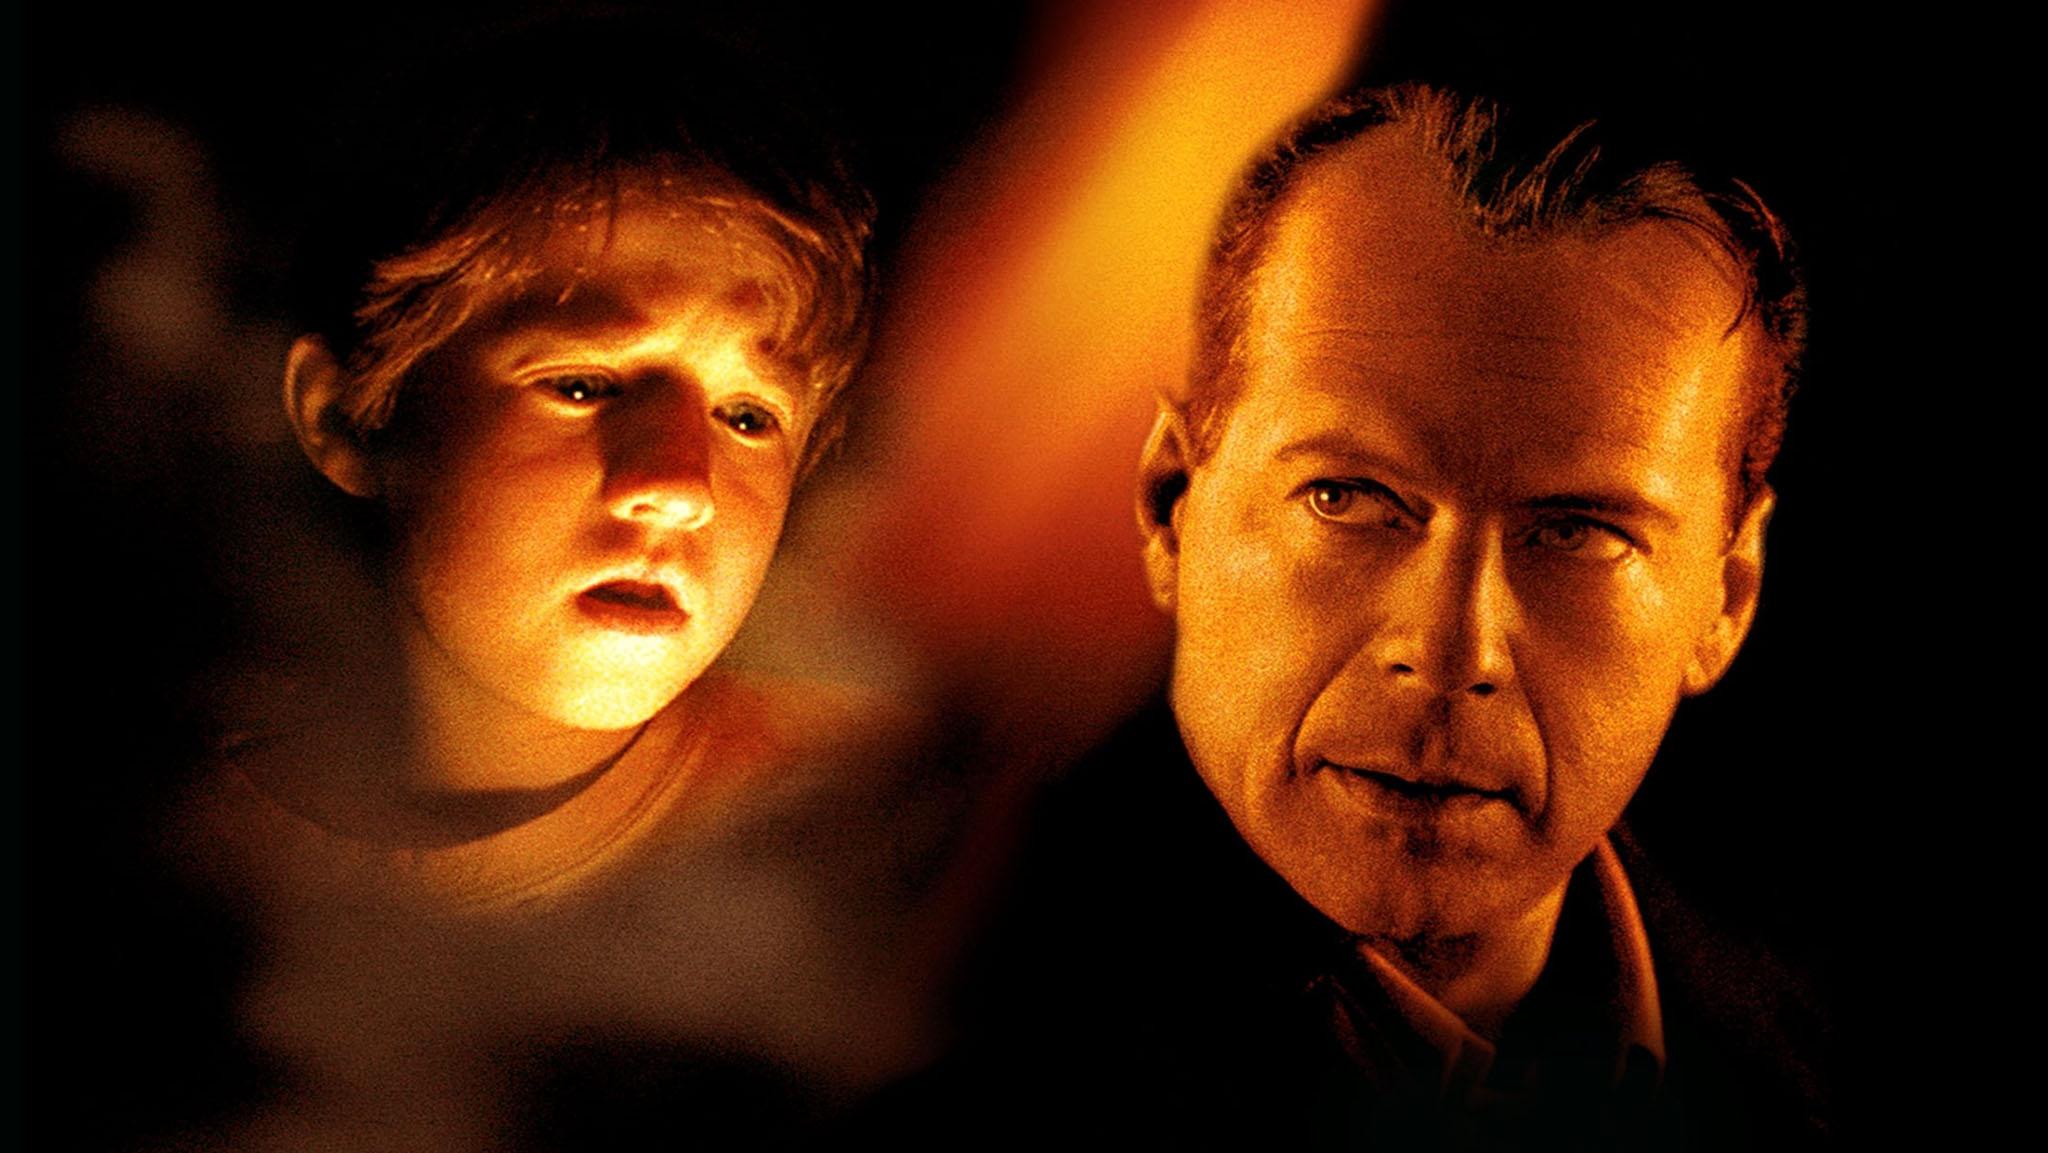 فيلم The Sixth Sense 1999 مترجم